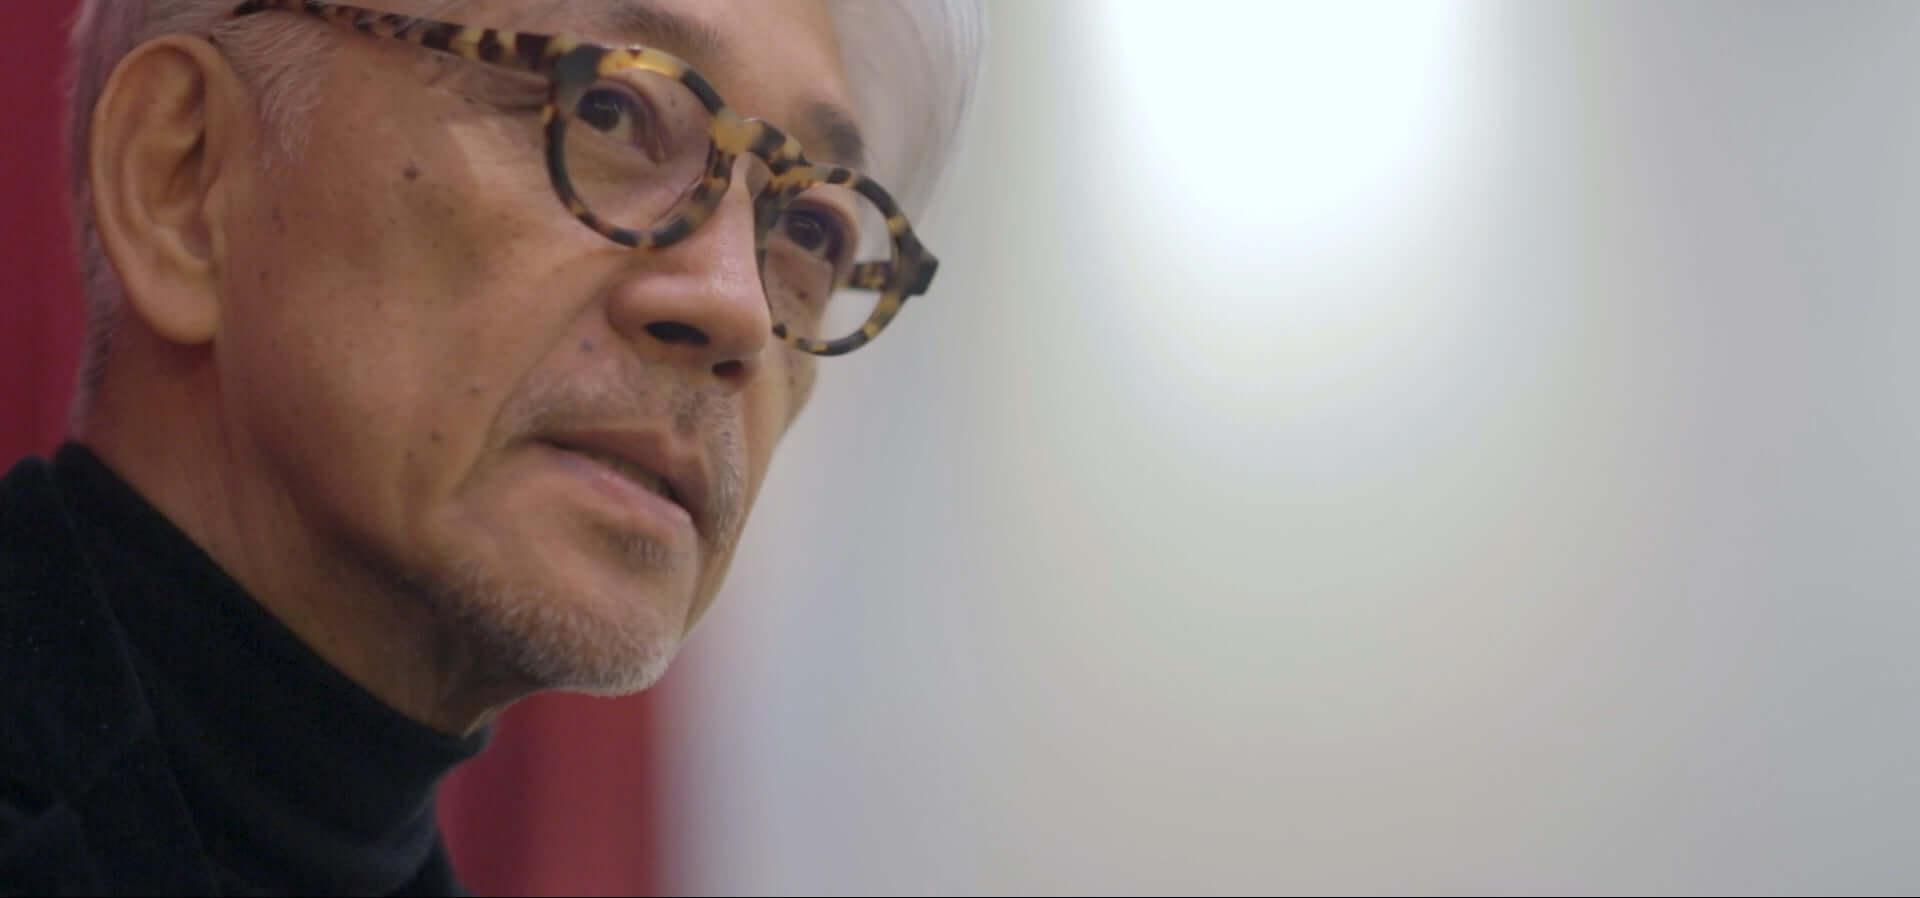 坂本龍一との共演でも知られるダムタイプのメンバー・高谷史郎の初ドキュメンタリー映画『DUMB TYPE 高谷史郎ー自然とテクノロジーのはざま』の劇場公開が決定 film200217_shirotakatani_10-1920x898